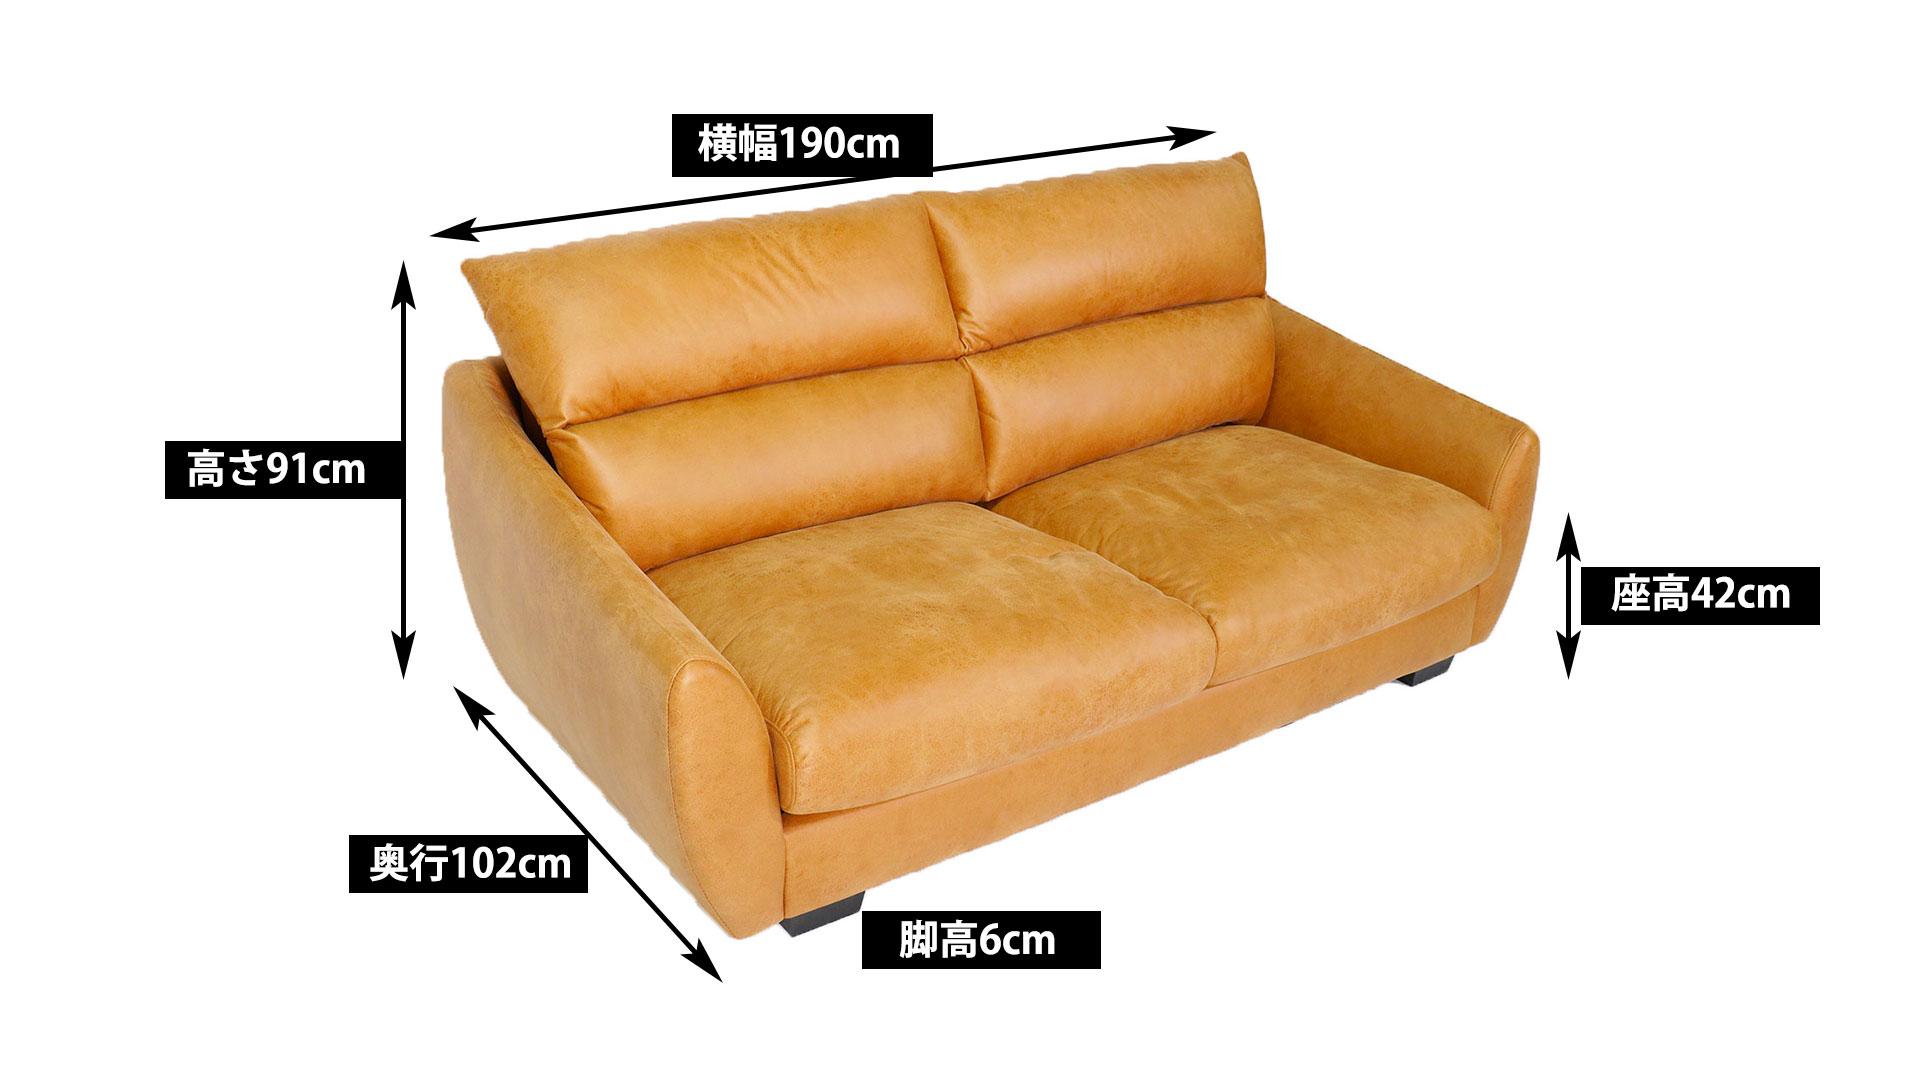 ふんわりハイバックのask-inのソファ「ルーク」の正面から撮影したサイズの画像